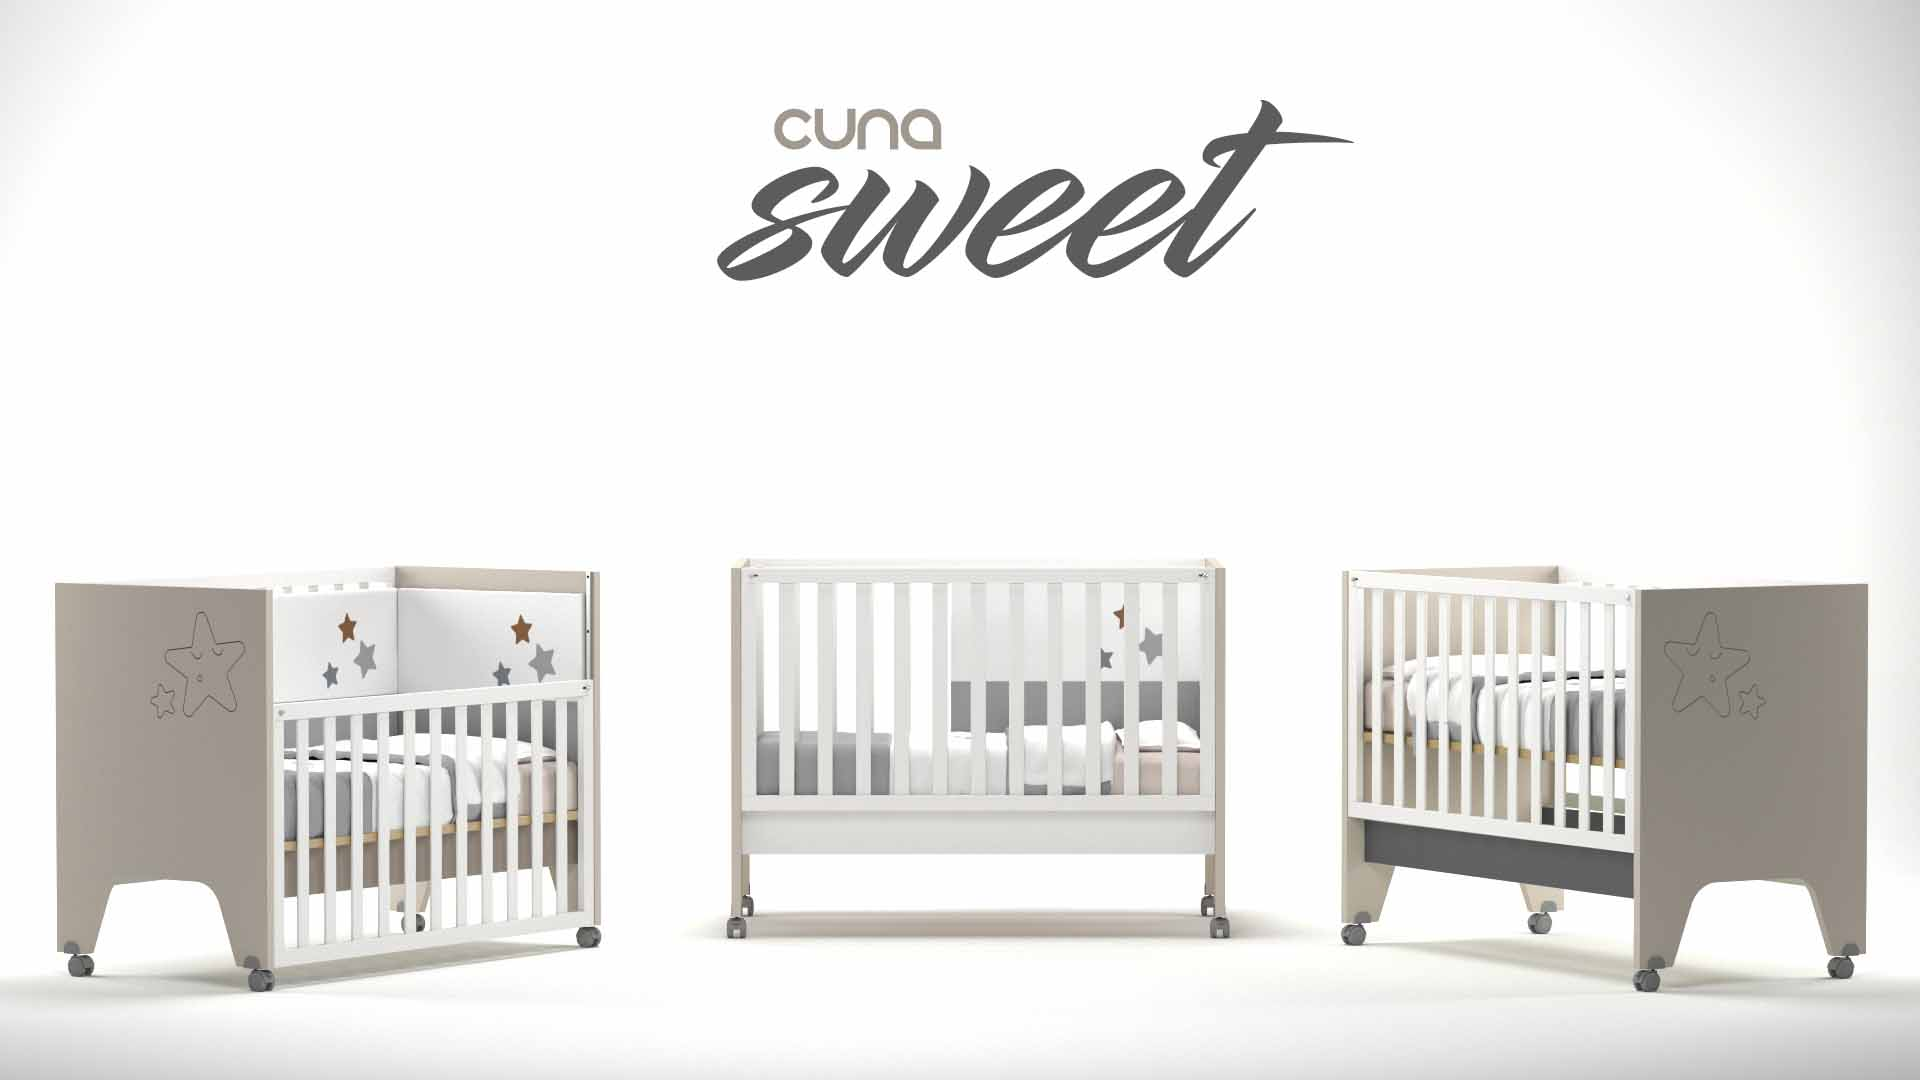 cuna sweet cunasweet